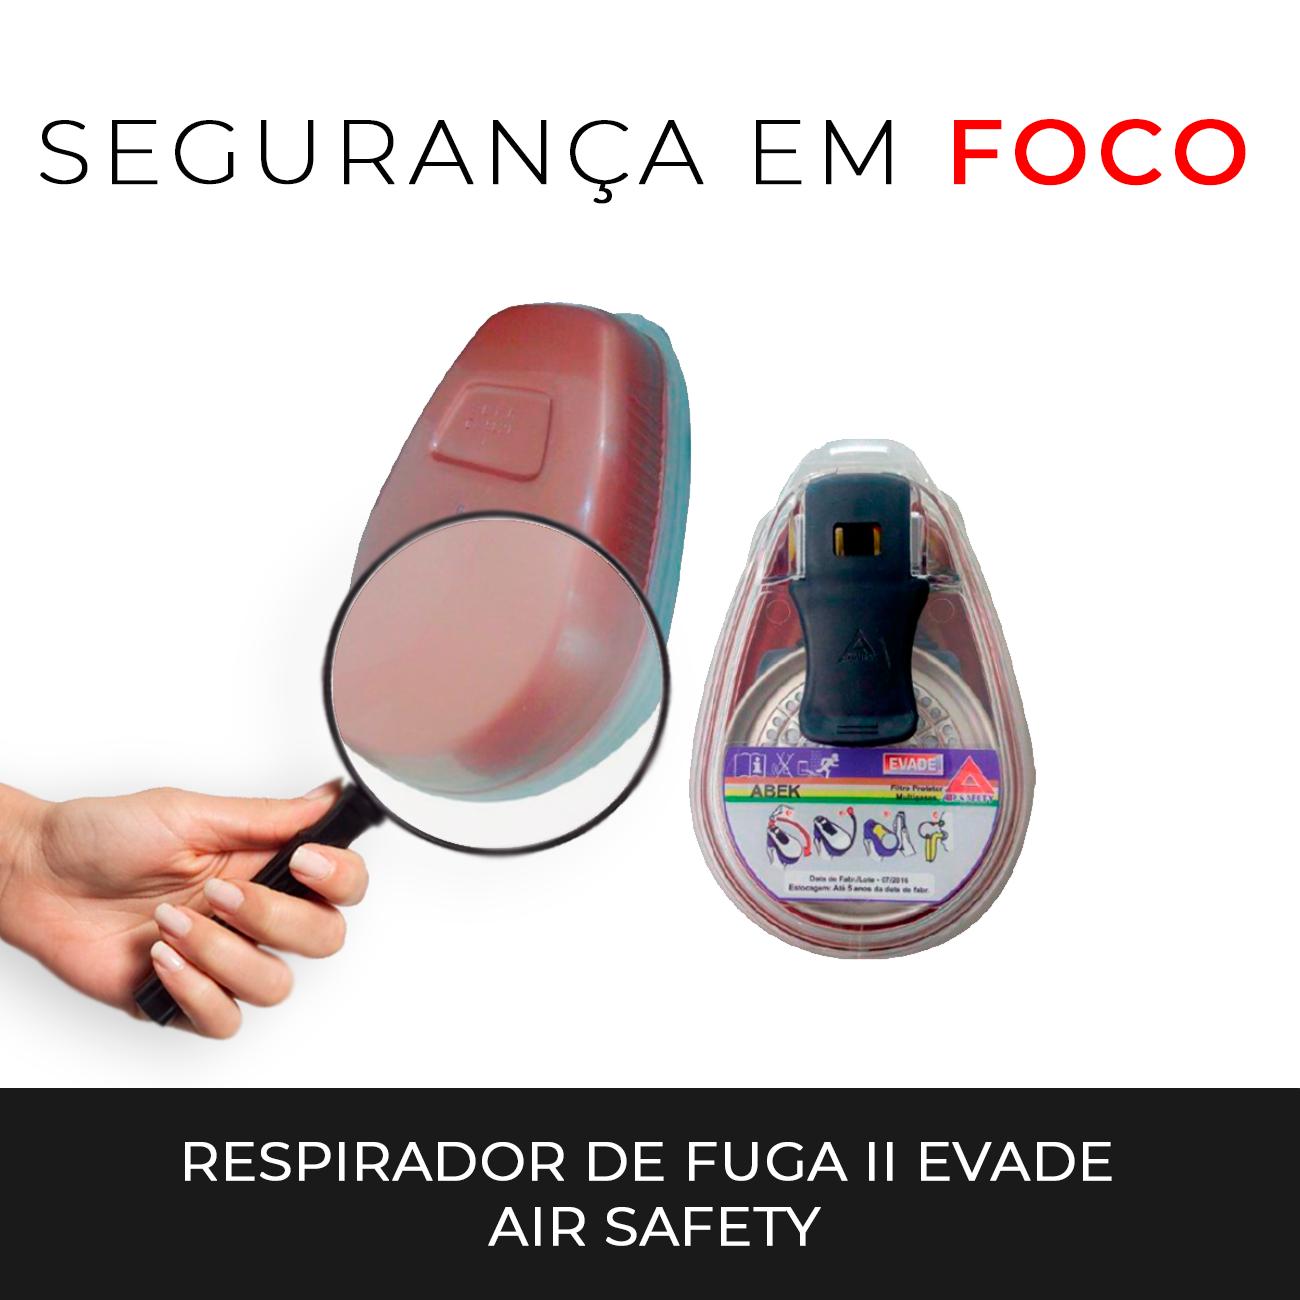 a7050ccc227bc Segurança em foco  Respirador de Fuga